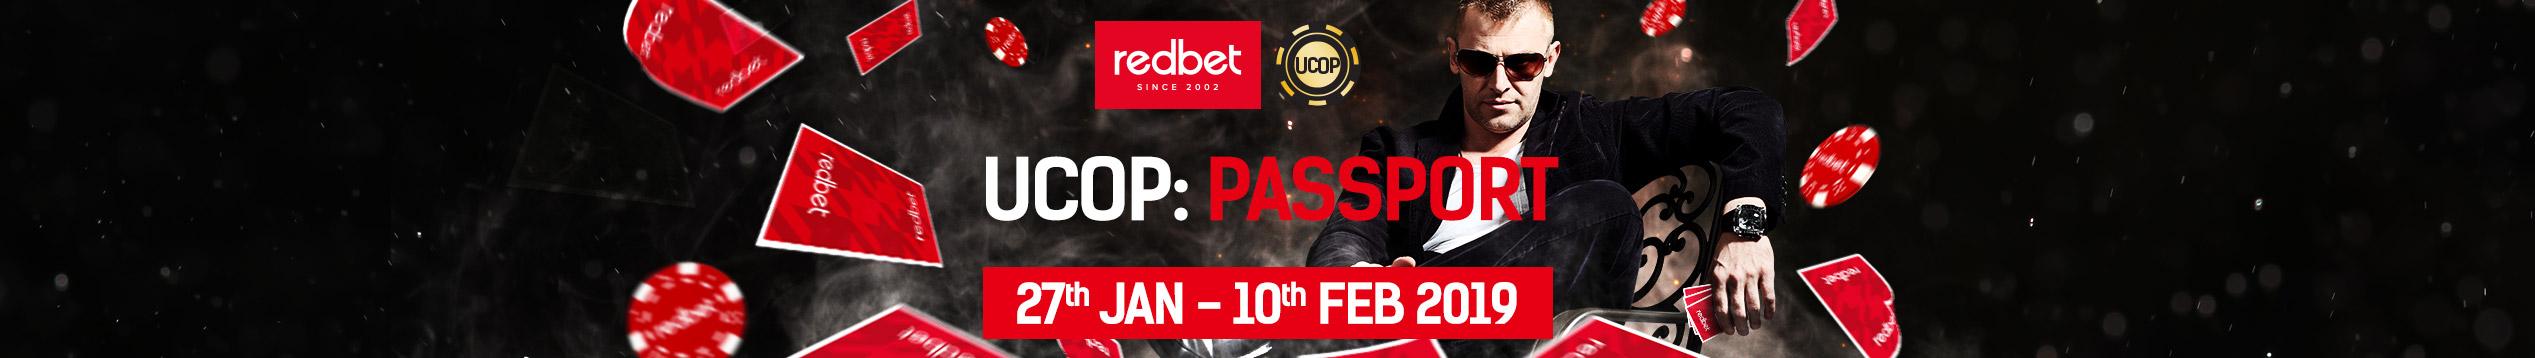 Universal Championship Of Poker: Passport